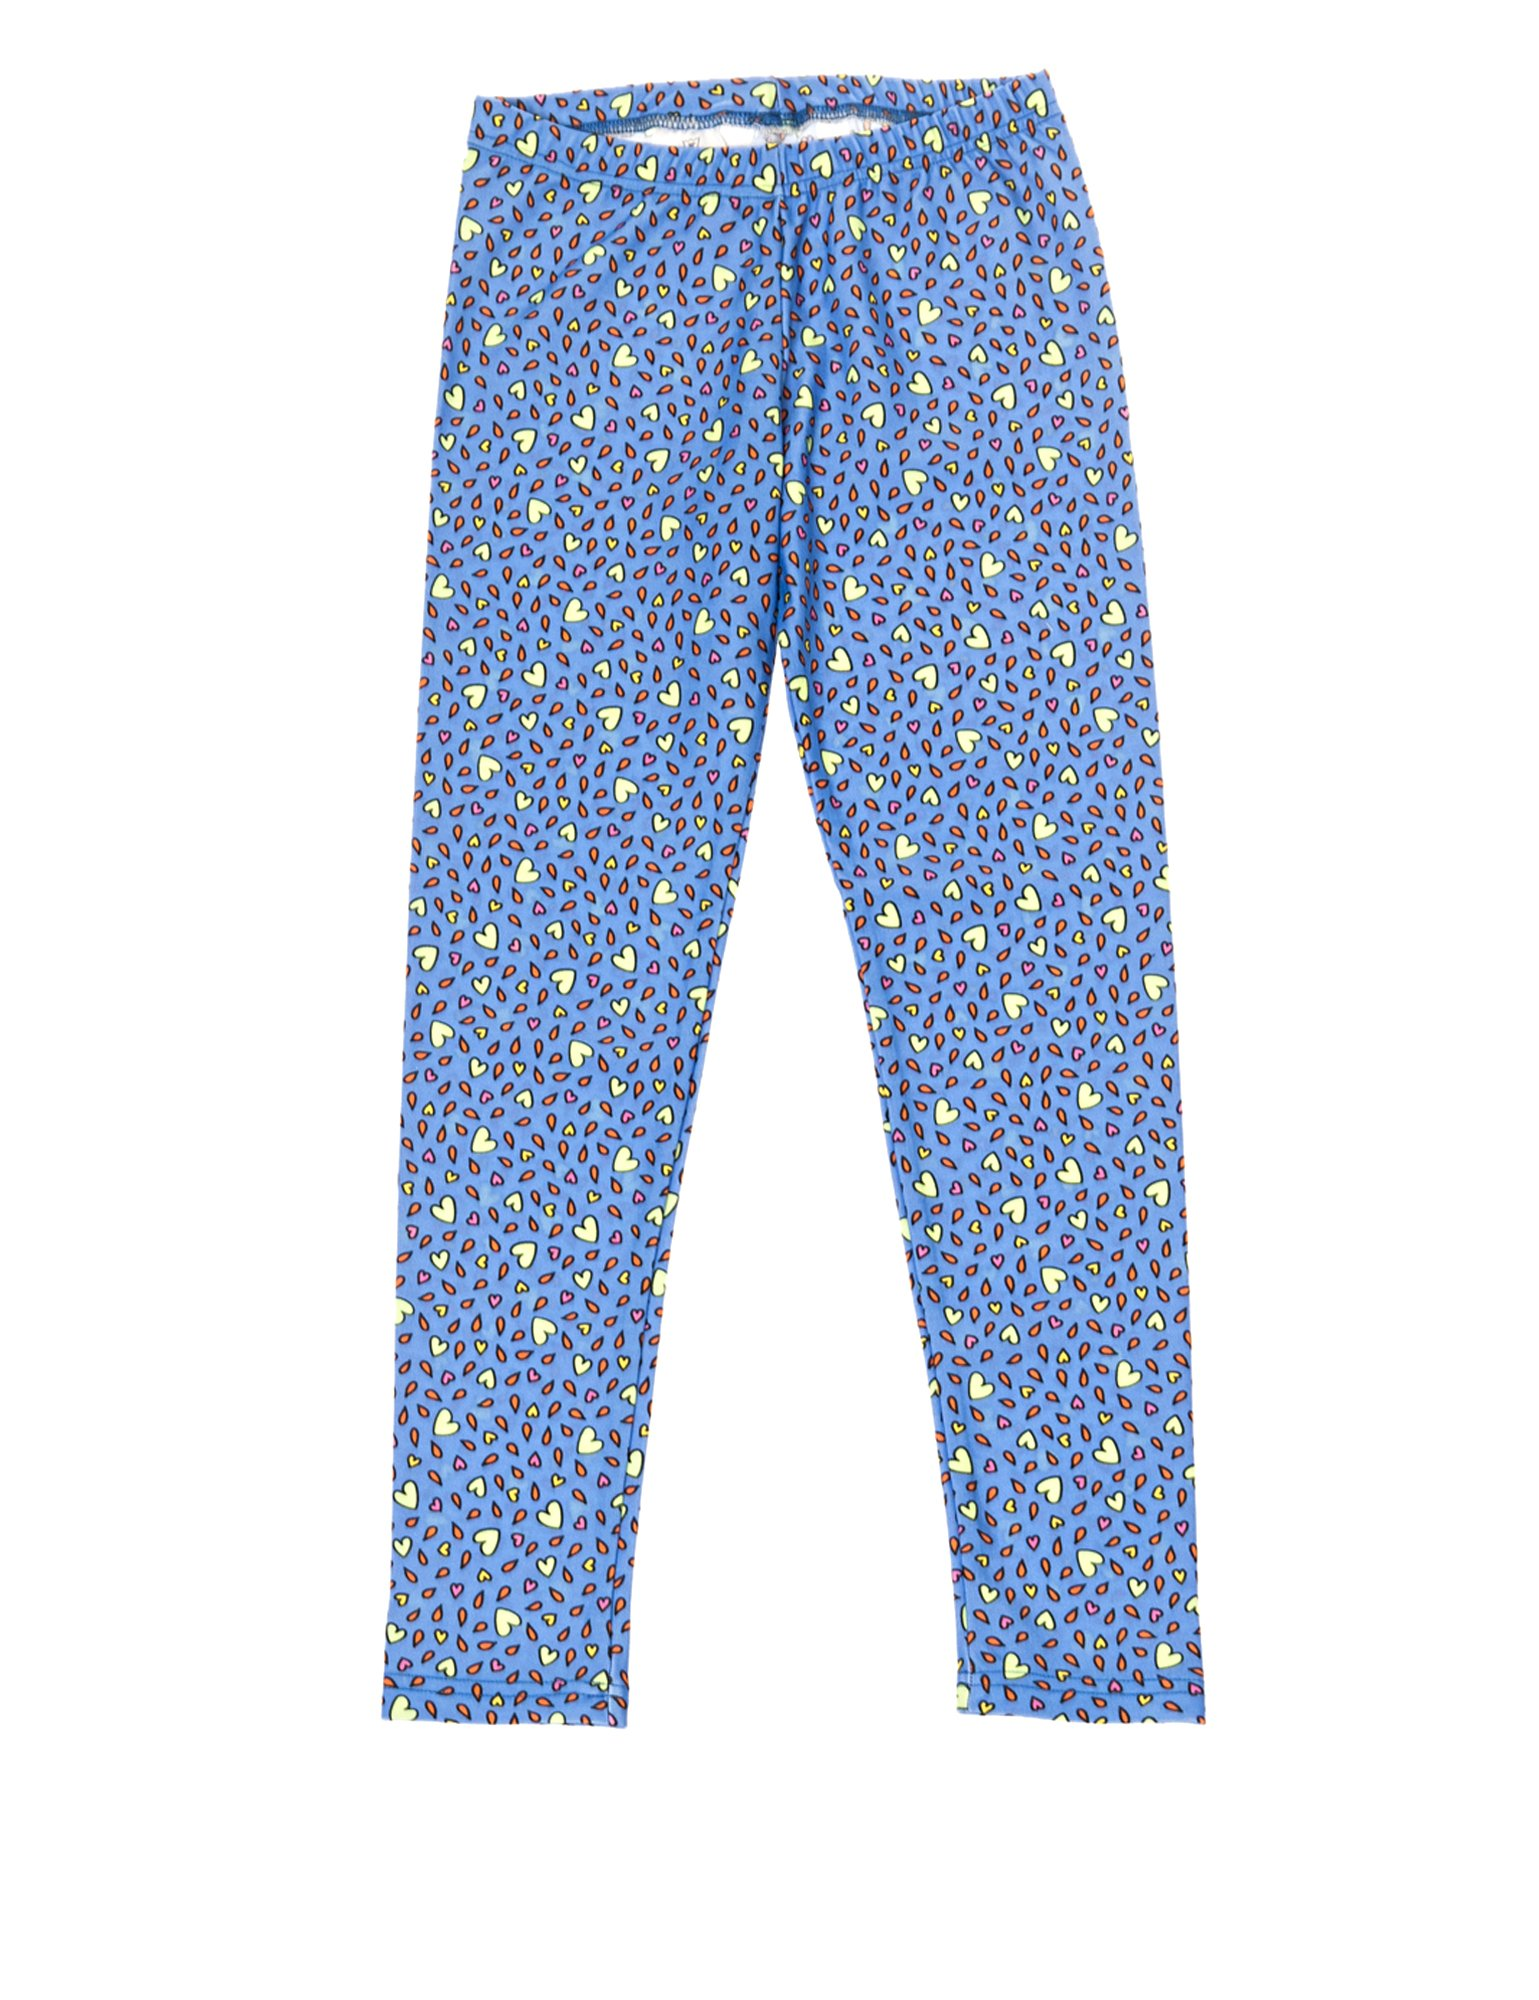 Pcp Genesis Kiddo Hearts Blue Leggings in Size 4-6 Blue